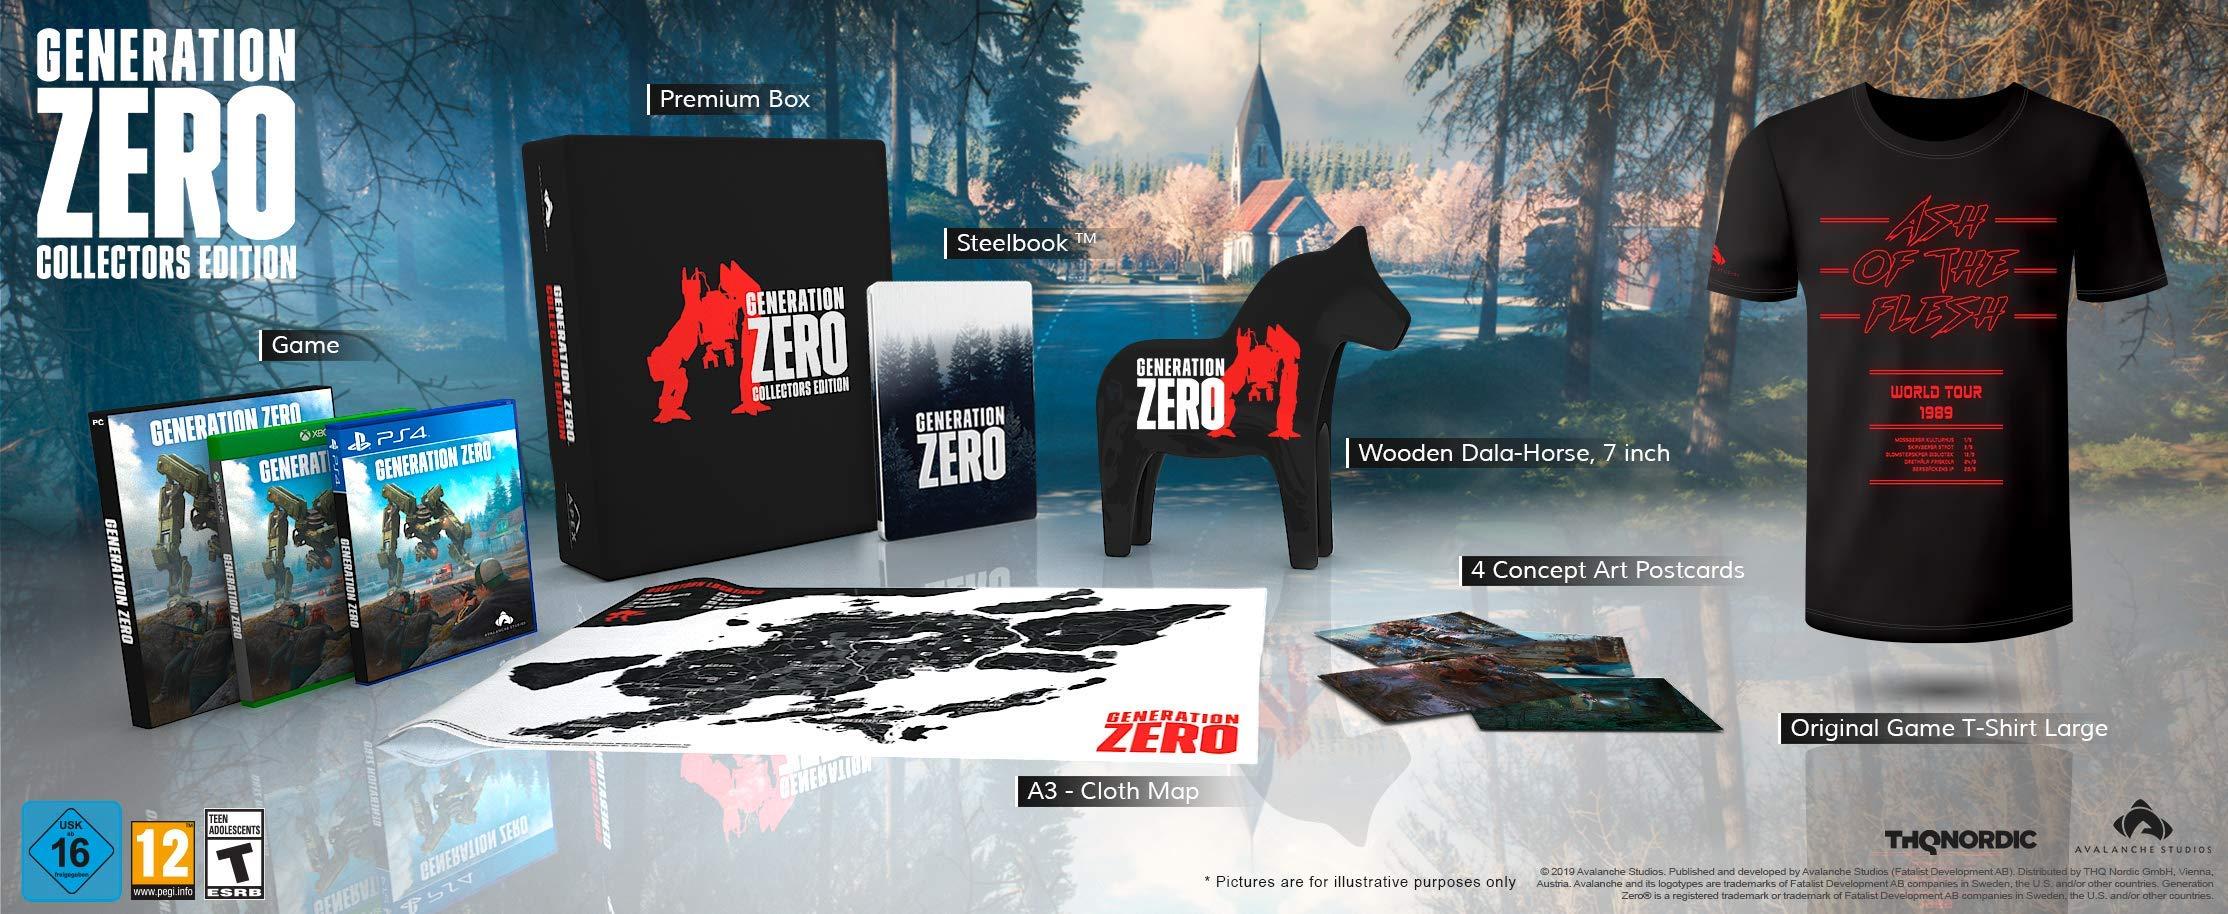 手办产能不足 末日科幻FPS《零世代》收藏版取消发行